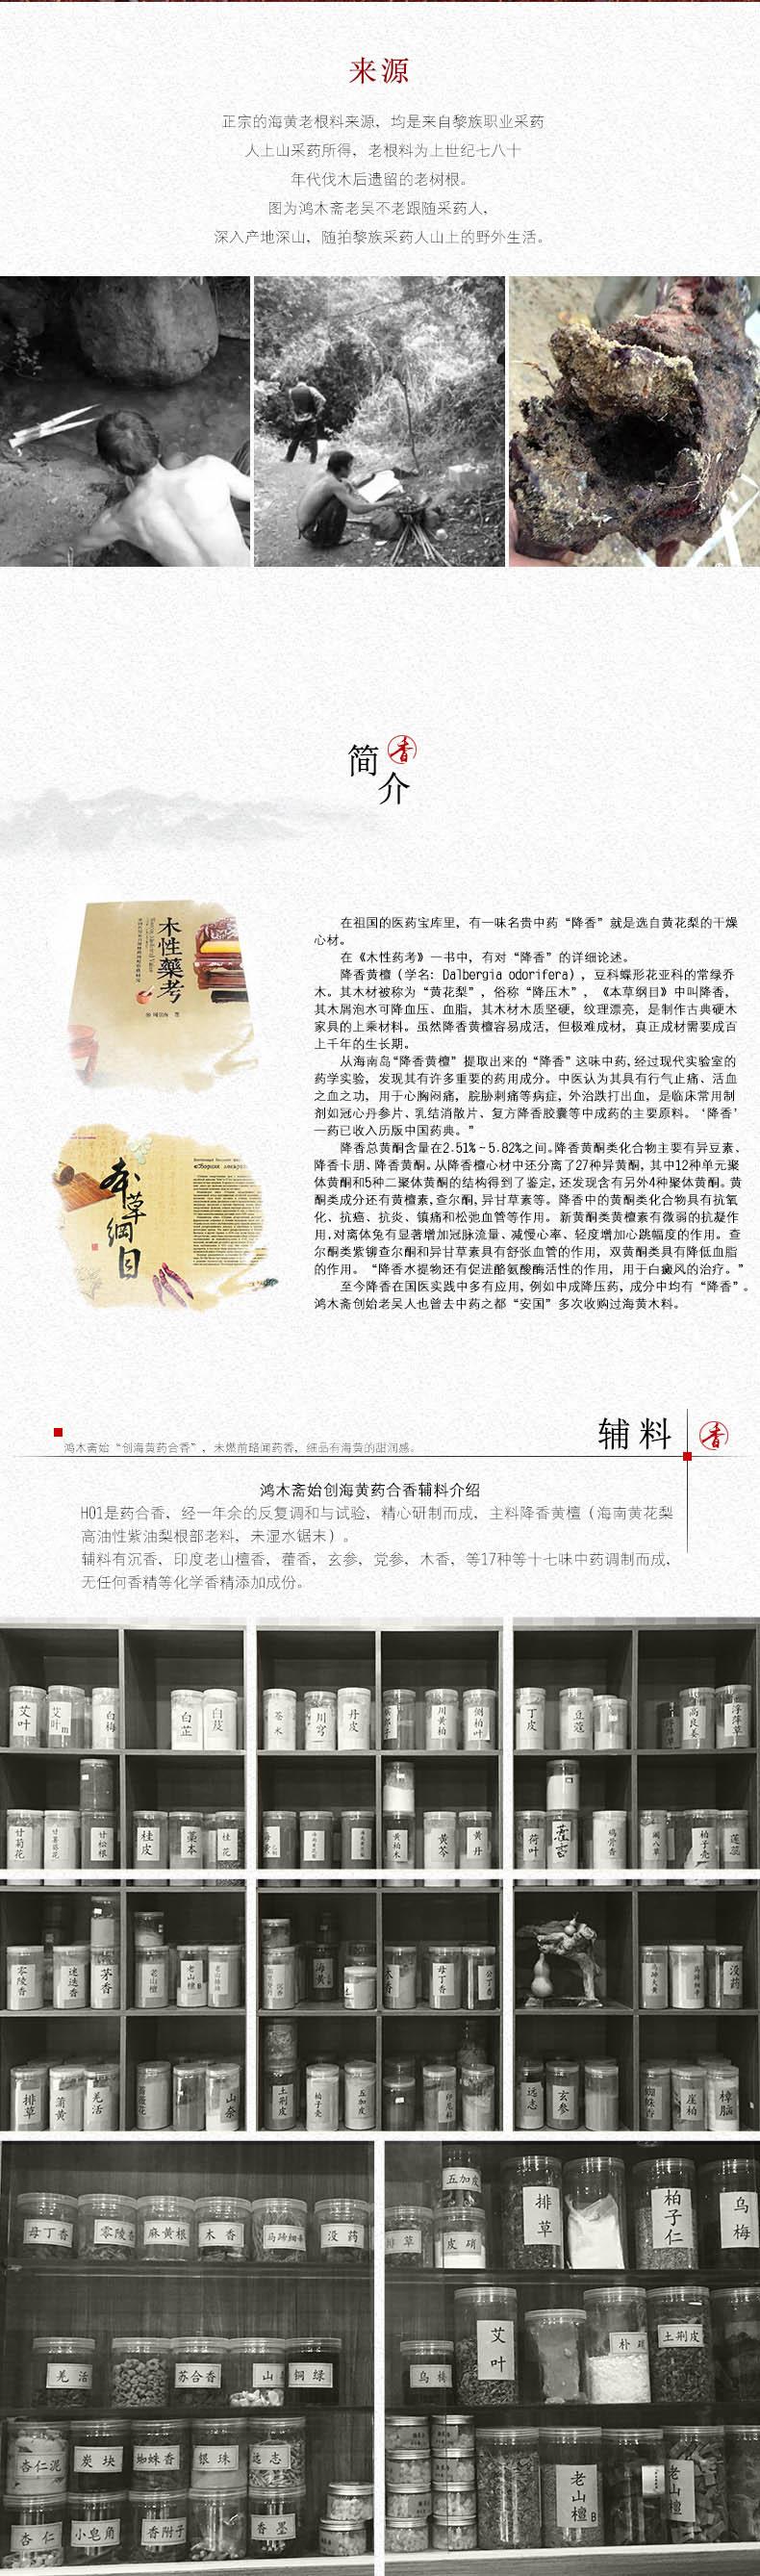 京东药合香众筹最终文案---05.jpg